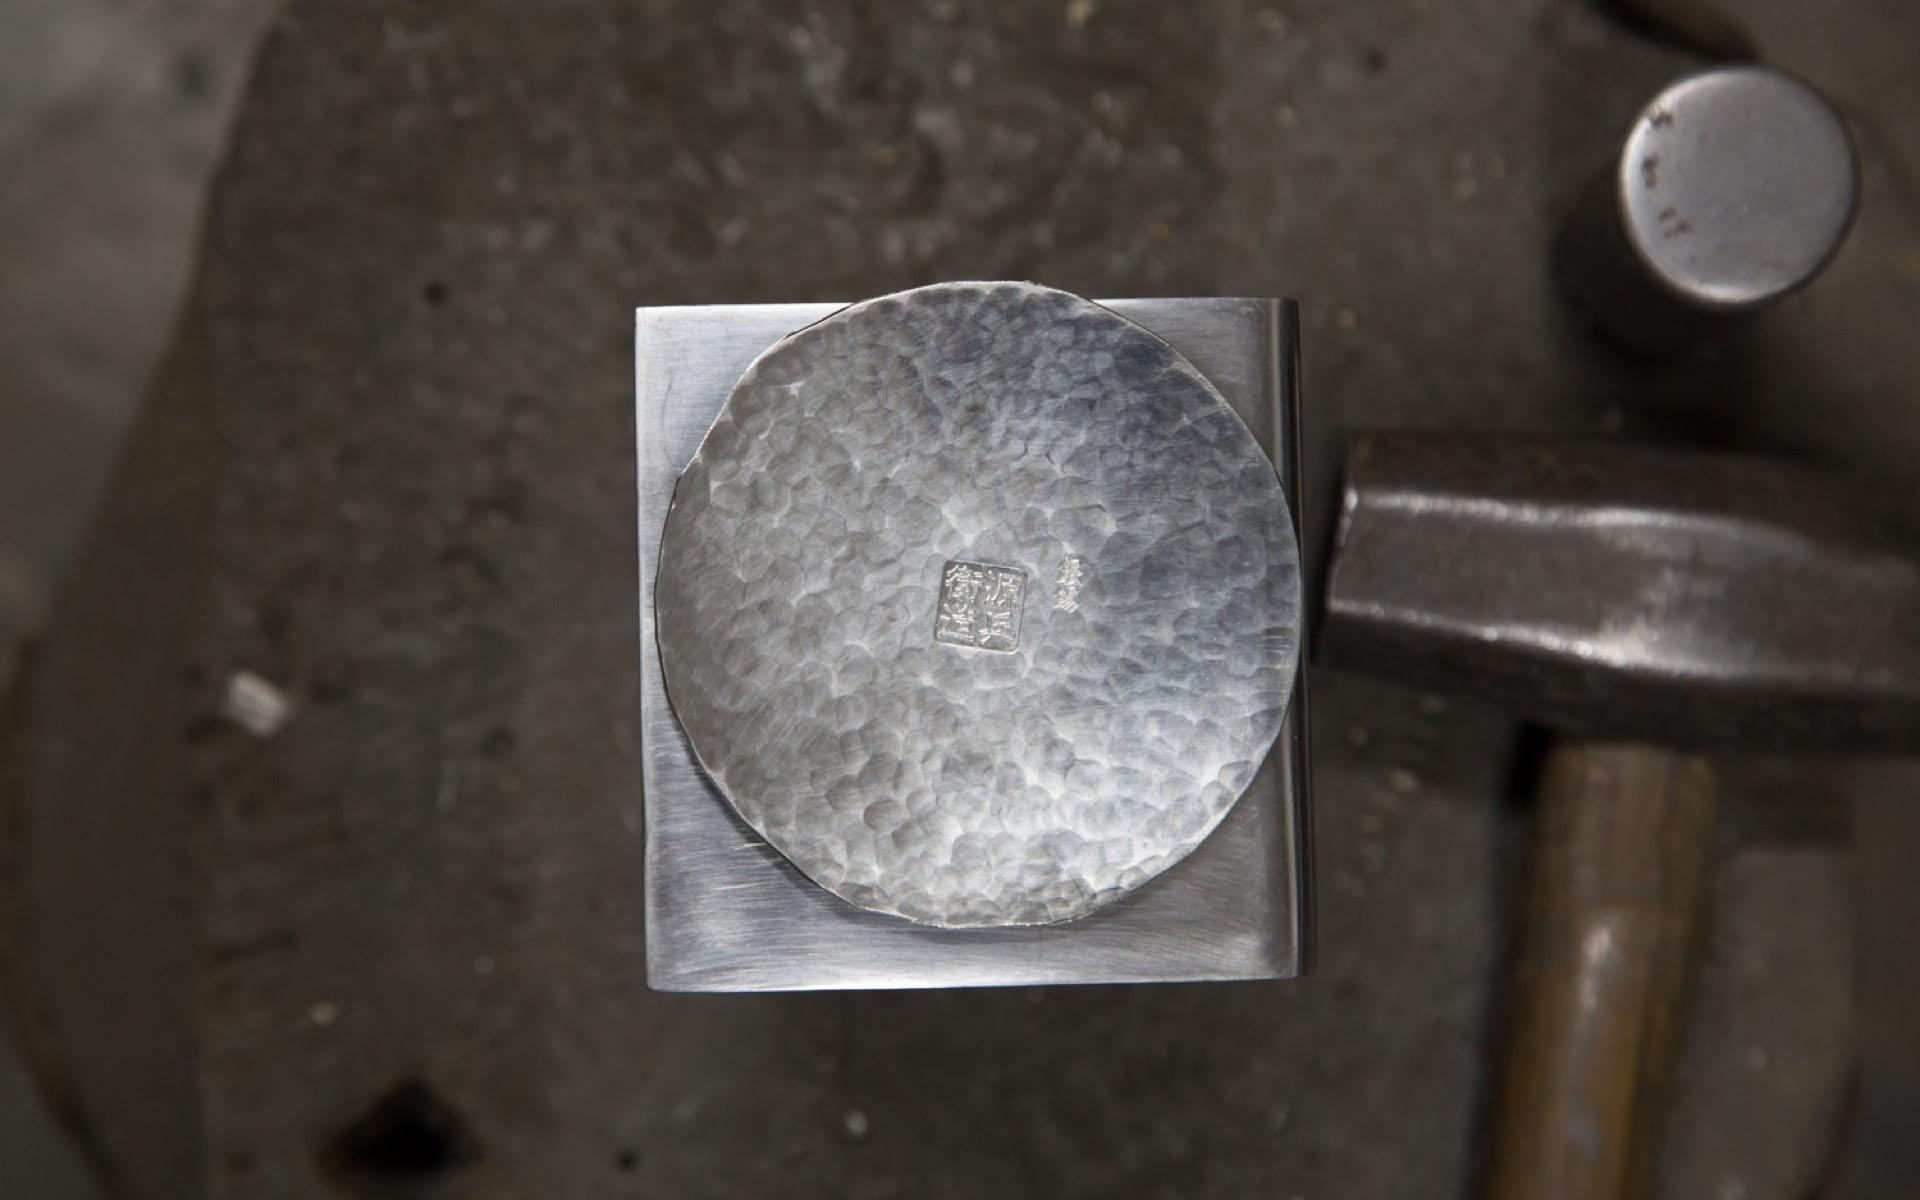 いま「修業」以上に求められるもの 錫工房の清課堂が考える、日本文化の残し方